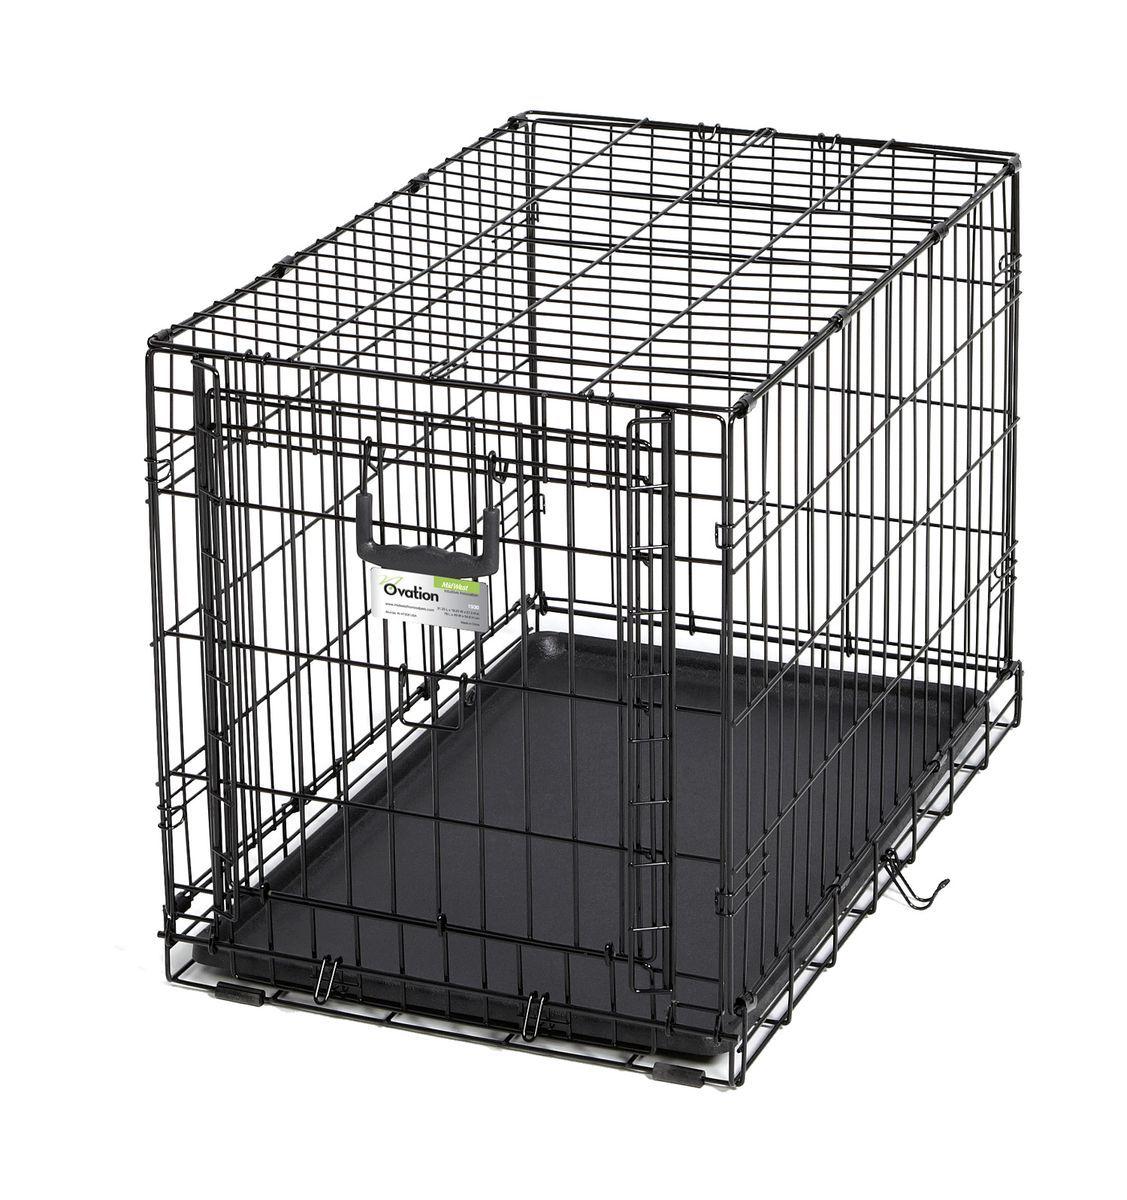 Клетка Midwest Ovation, 1 дверь рельсовая, 79 x 49 x 54,6 смK-T1-1_салатовыйКлетка Midwest Ovation разработана специально для транспортировки маленьких и средних собак. Закругленная угловая защита обеспечивает безопасность питомцам и людям. Клетка из нержавеющей стали оснащена: - одной рельсовой дверкой (открывается вверх); - безопасным двойным замком (задвижка закрывает и снаружи и внутри); - прочным пластиковым поддоном, который не повреждает поверхность, на которой размещается; - разделяющей панелью, обеспечивающей создание универсальных отсеков; - качественными ручками для переноски питомца.Размер клетки (ДхШхВ): 79 x 49 x 54,6 см. Вес конструкции: 8 кг.Товар сертифицирован.